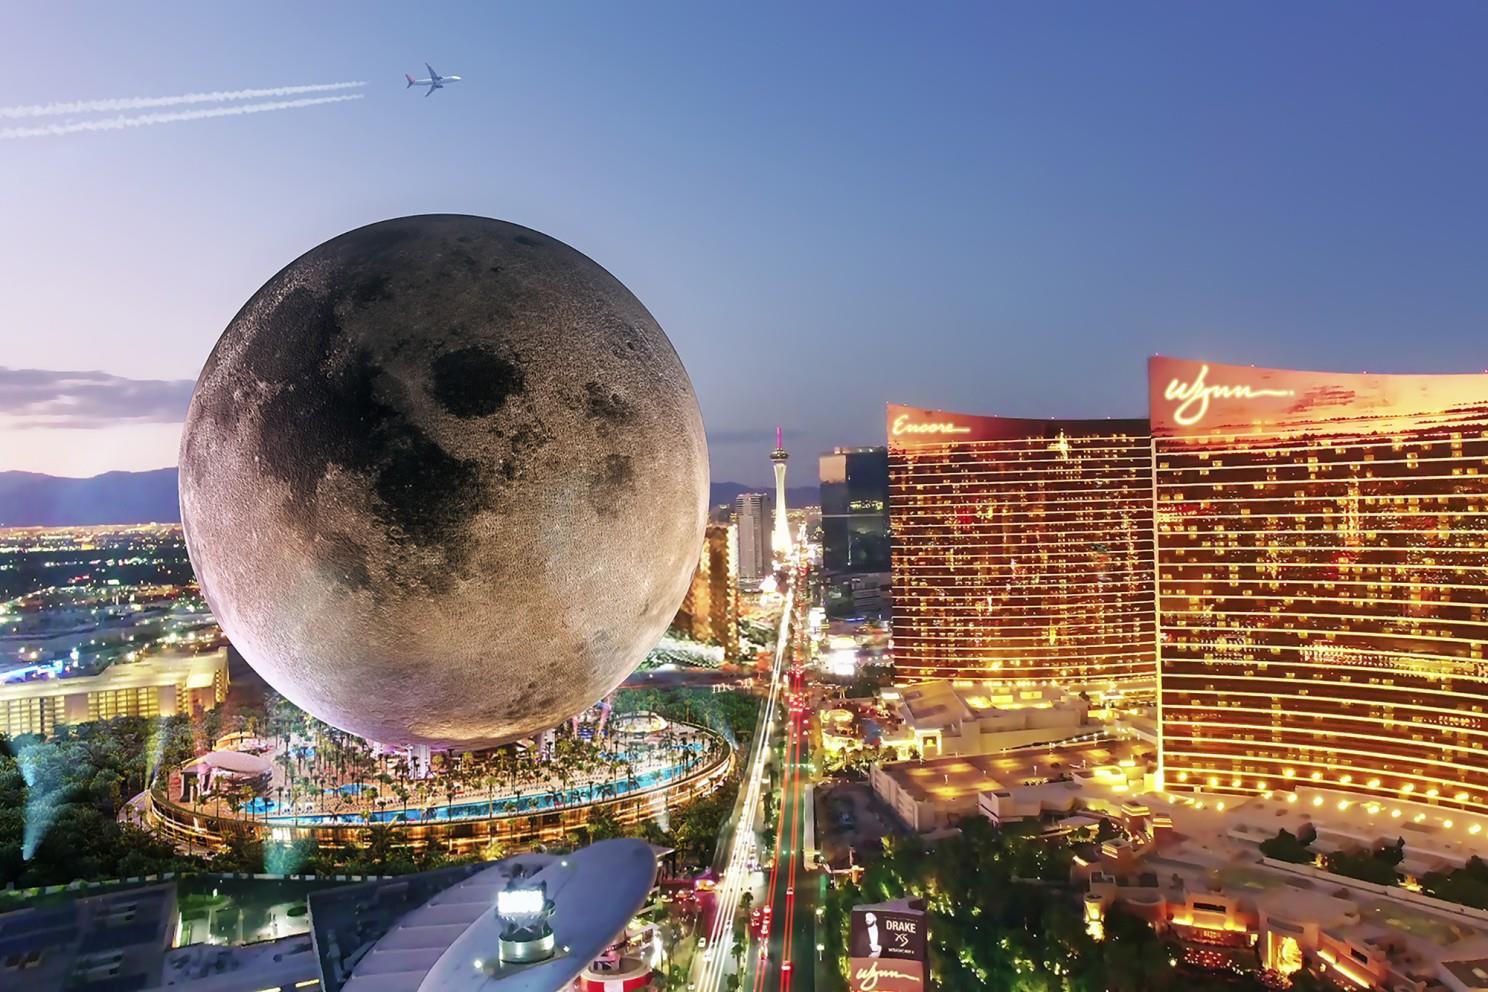 Lehoznák a Holdat a Földre a világ legnagyobb gömbépületében - képek